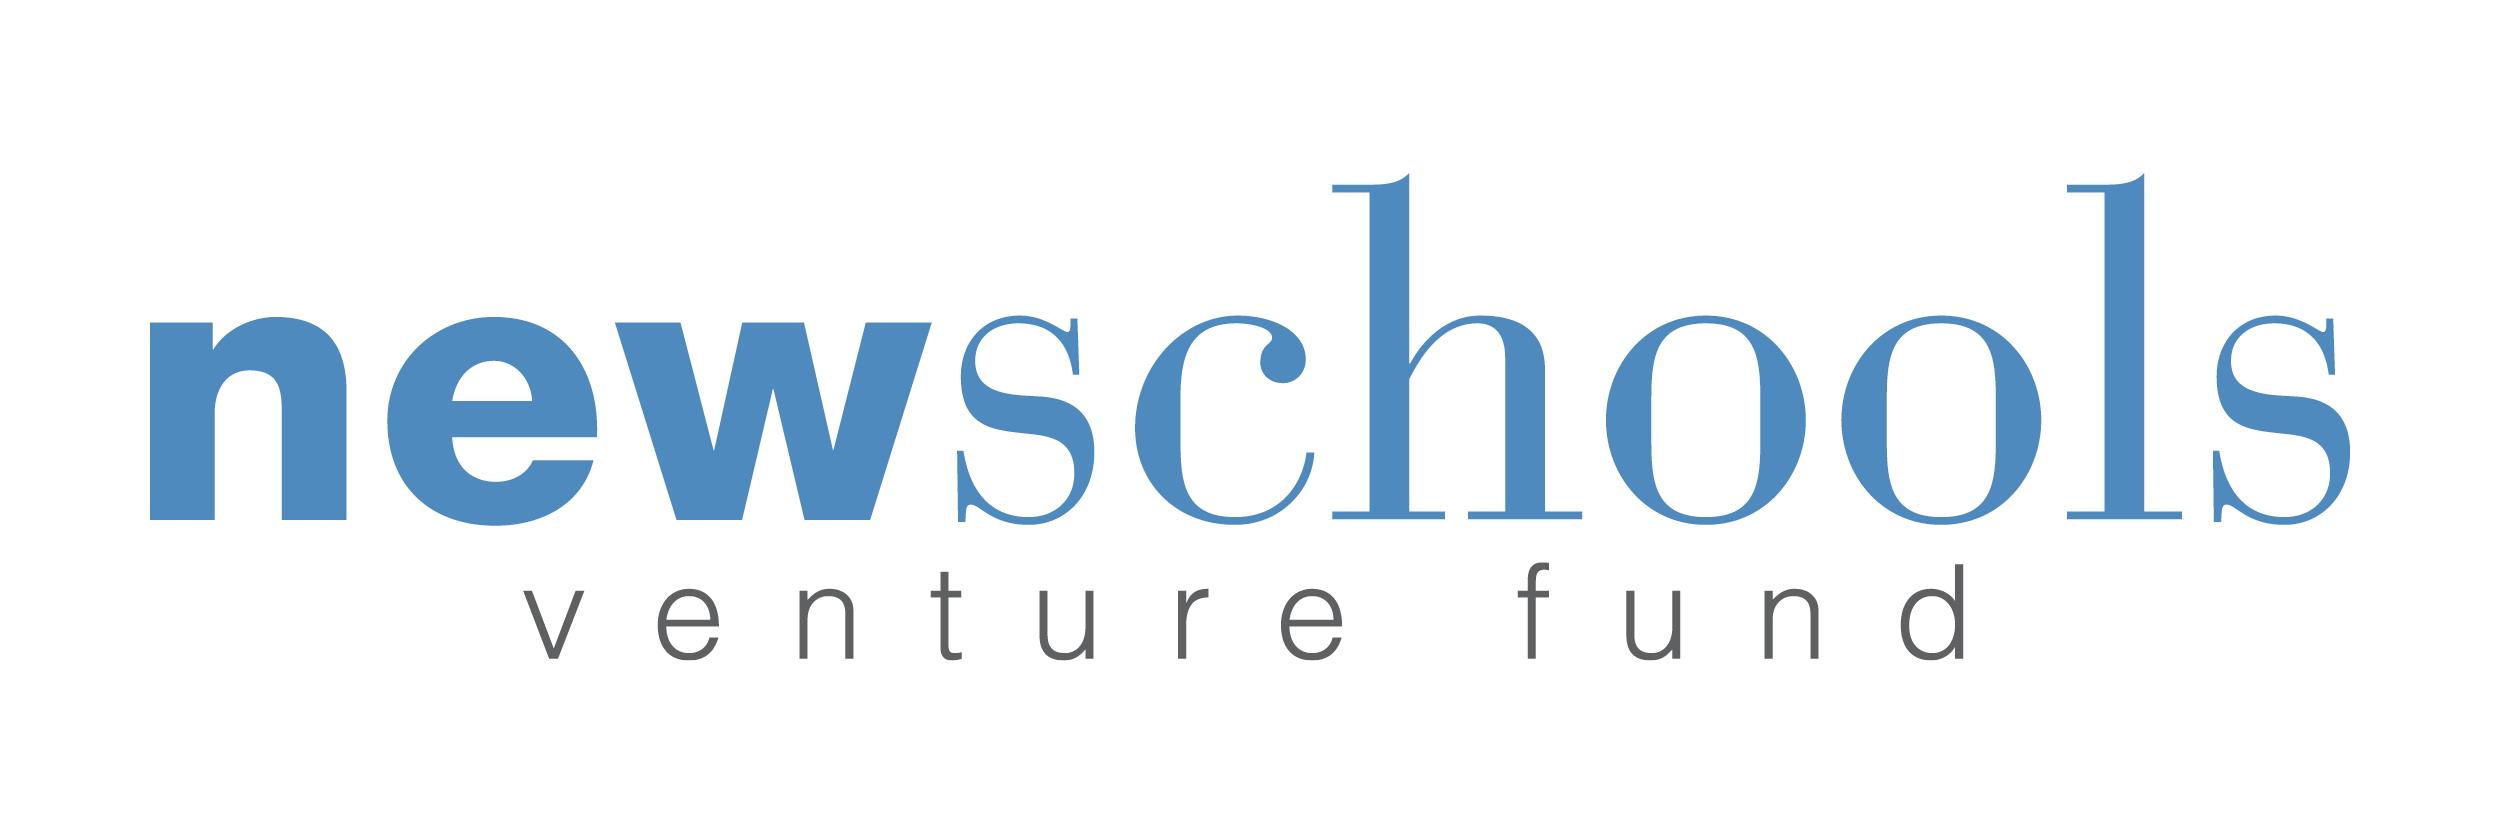 Sponsor logos3.jpg